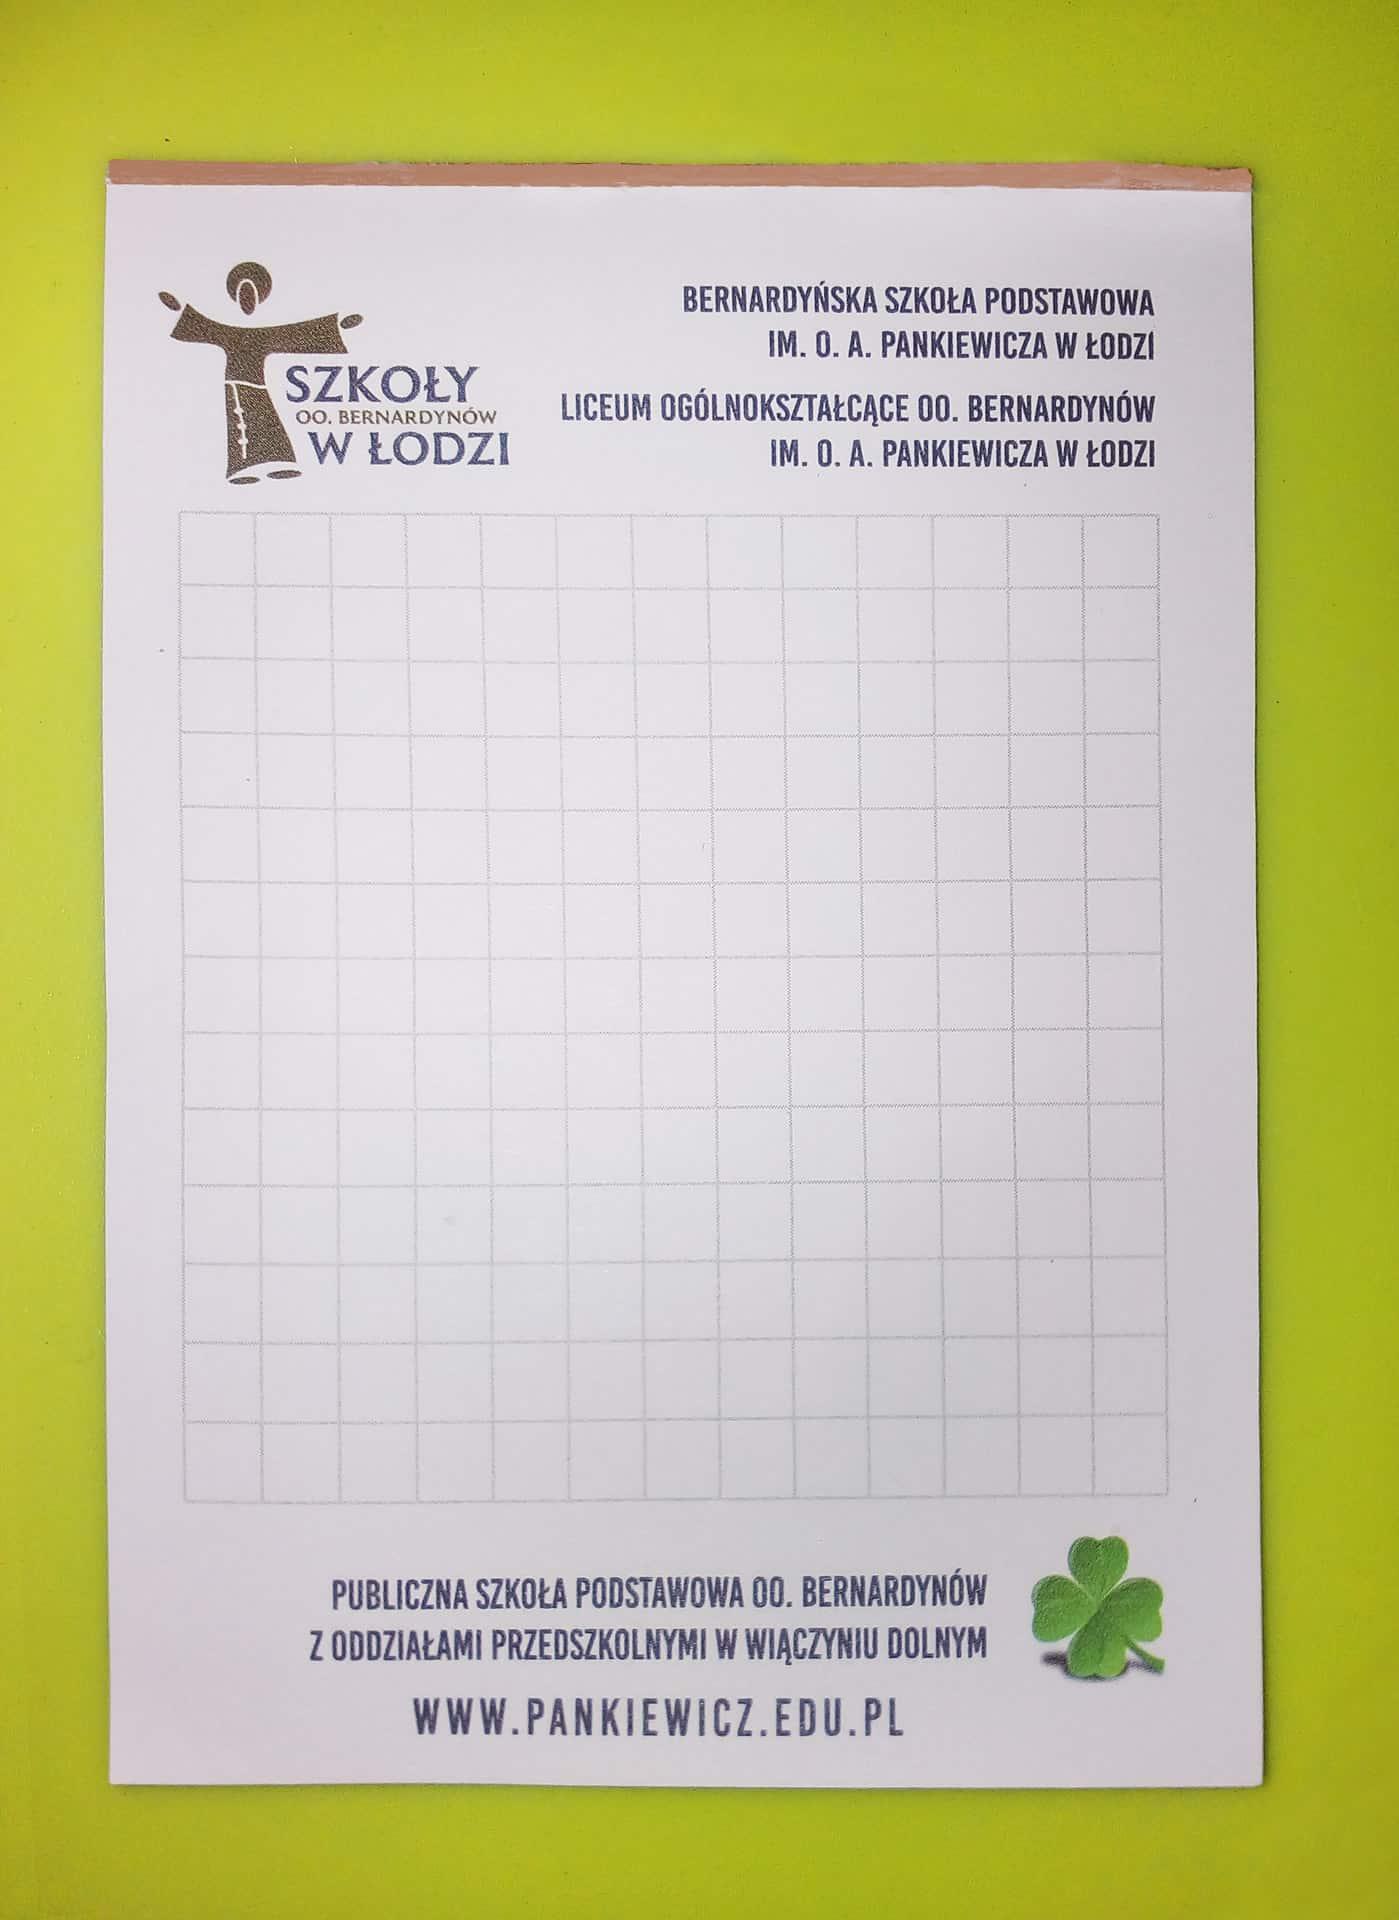 notesy reklamowe dla Berdardyńska Szkoła Podstawowa